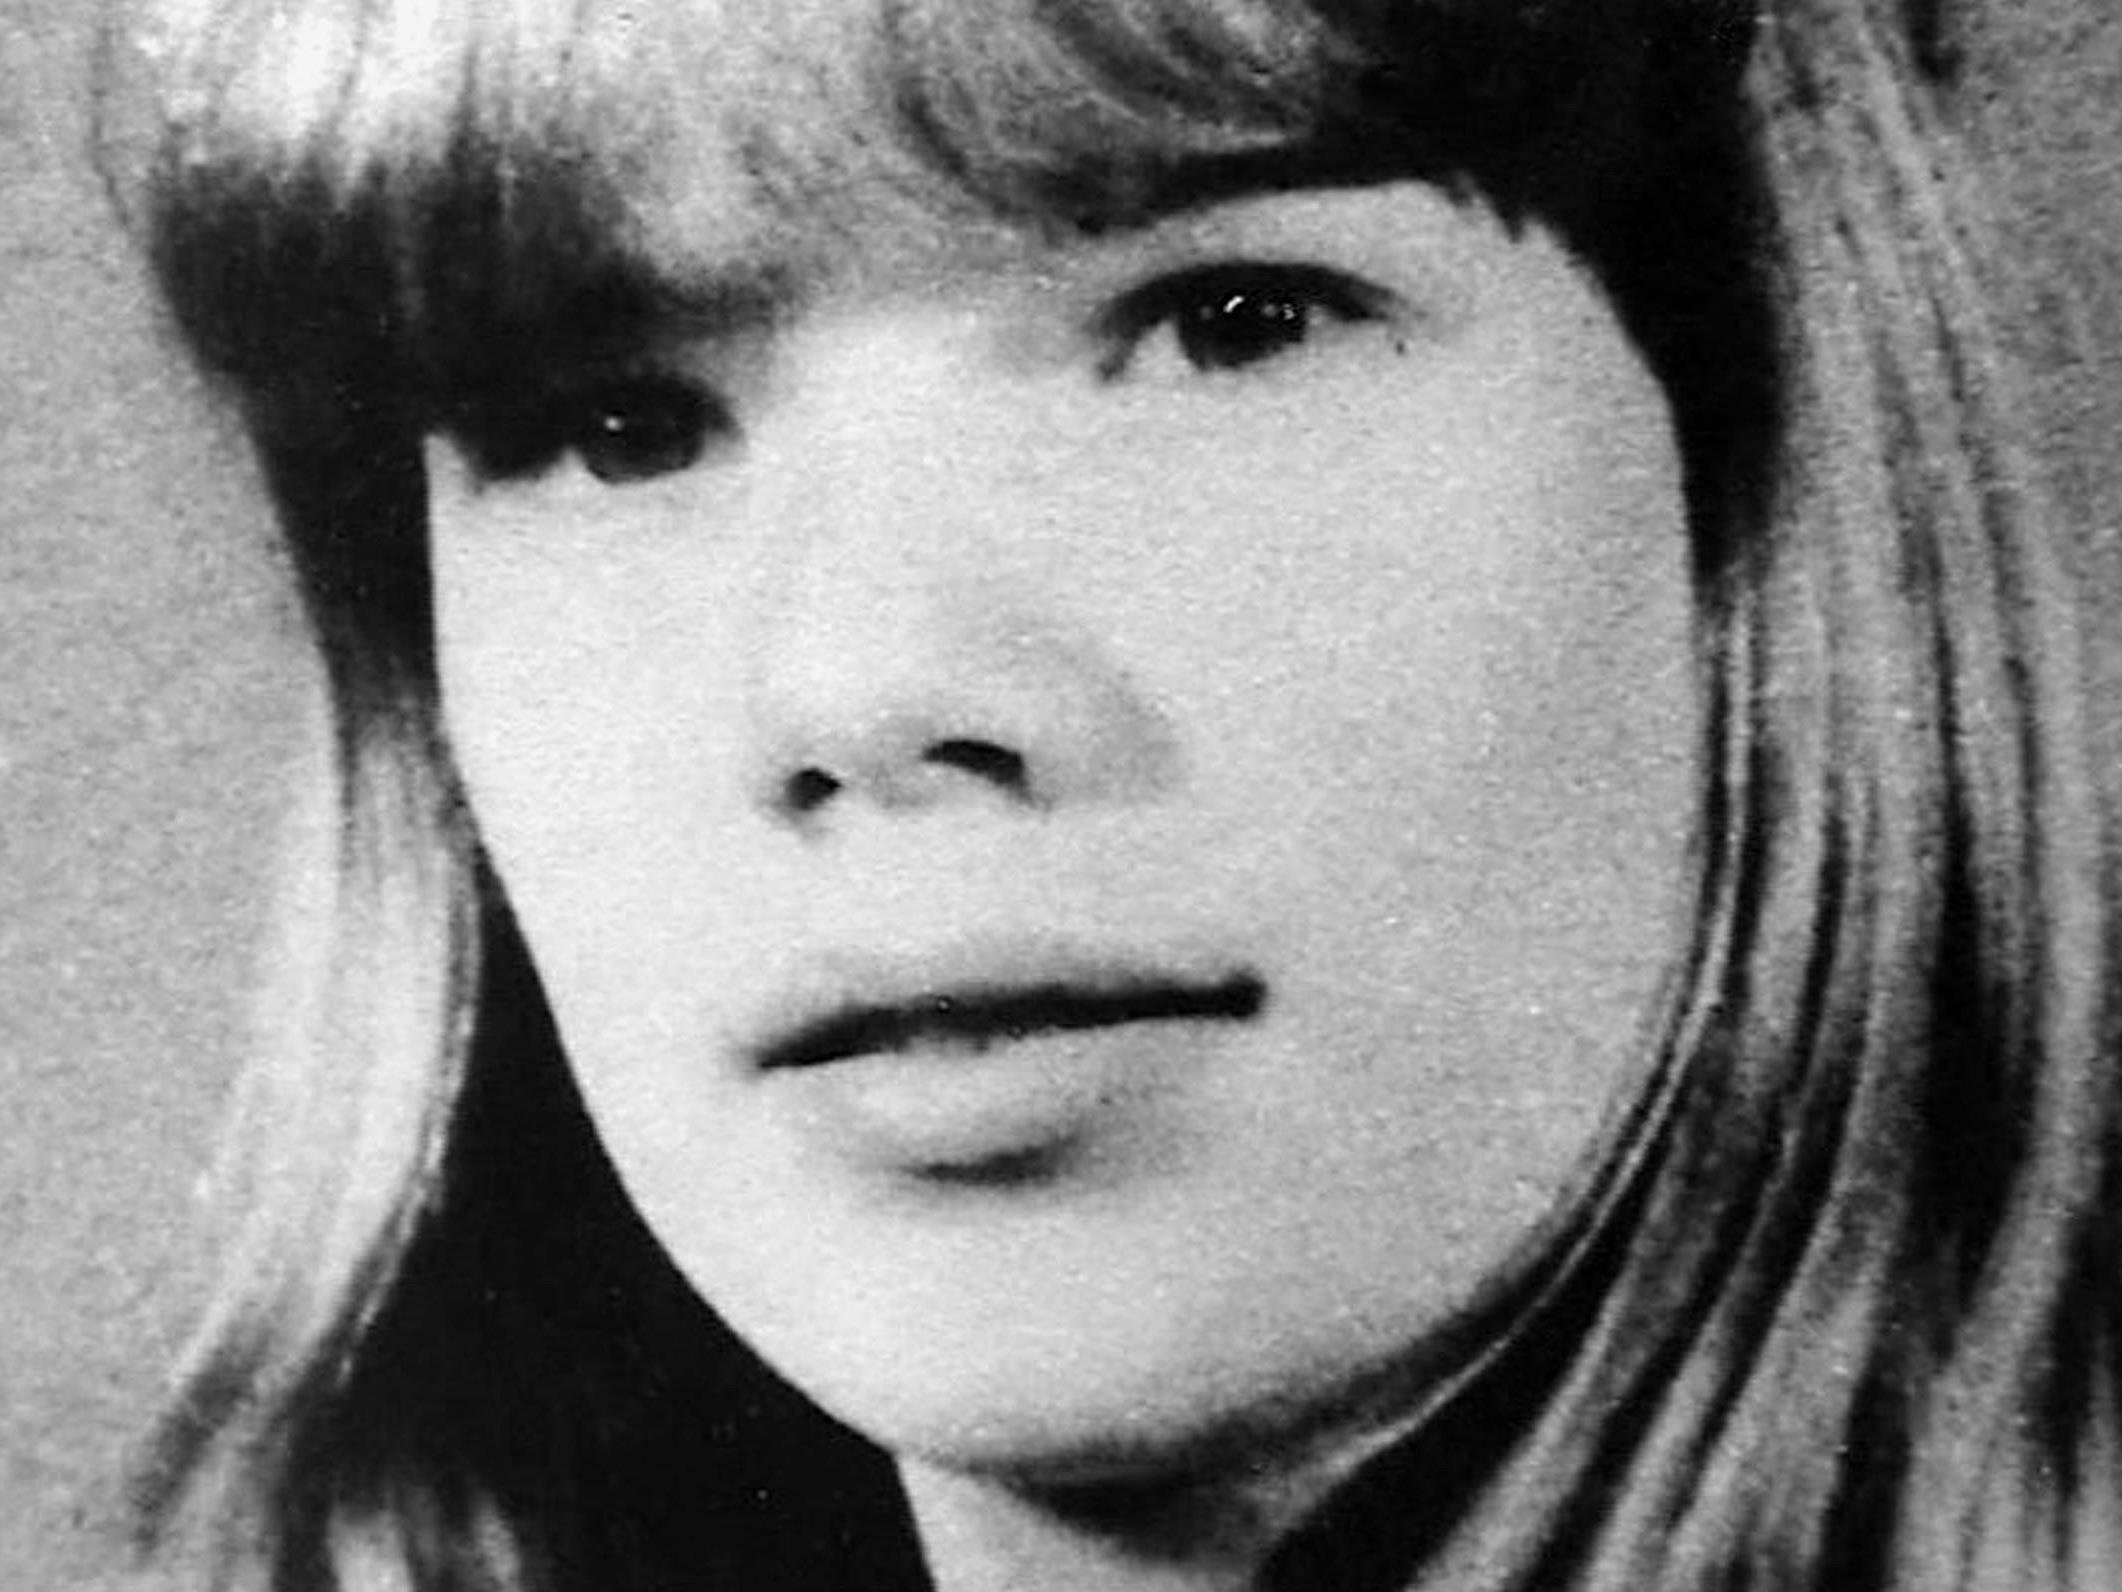 Kalinka starb vor 30 Jahren unter misteriösen Umständen